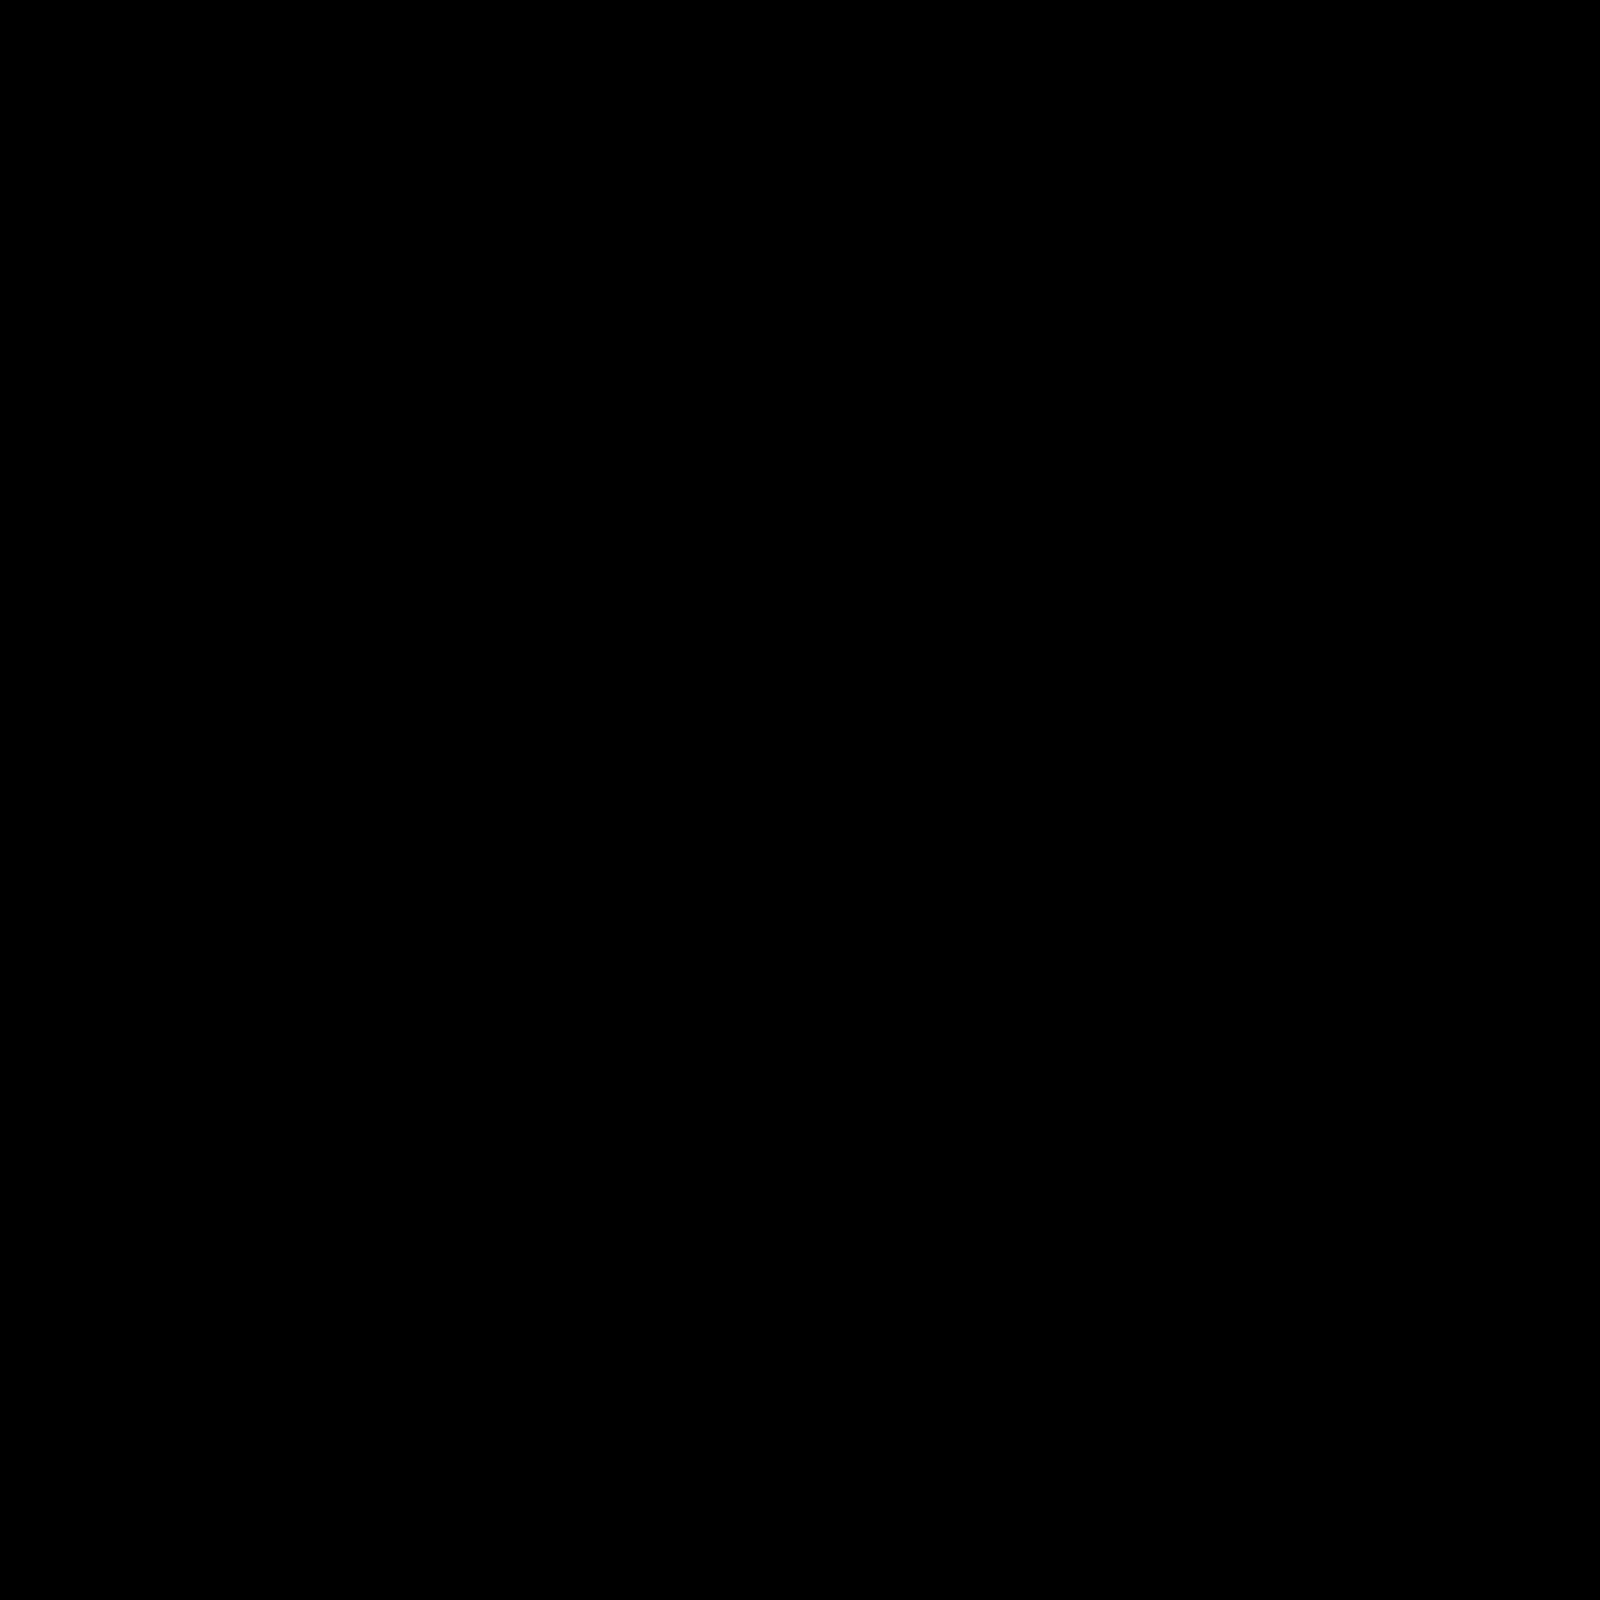 Visual Game Boy icon